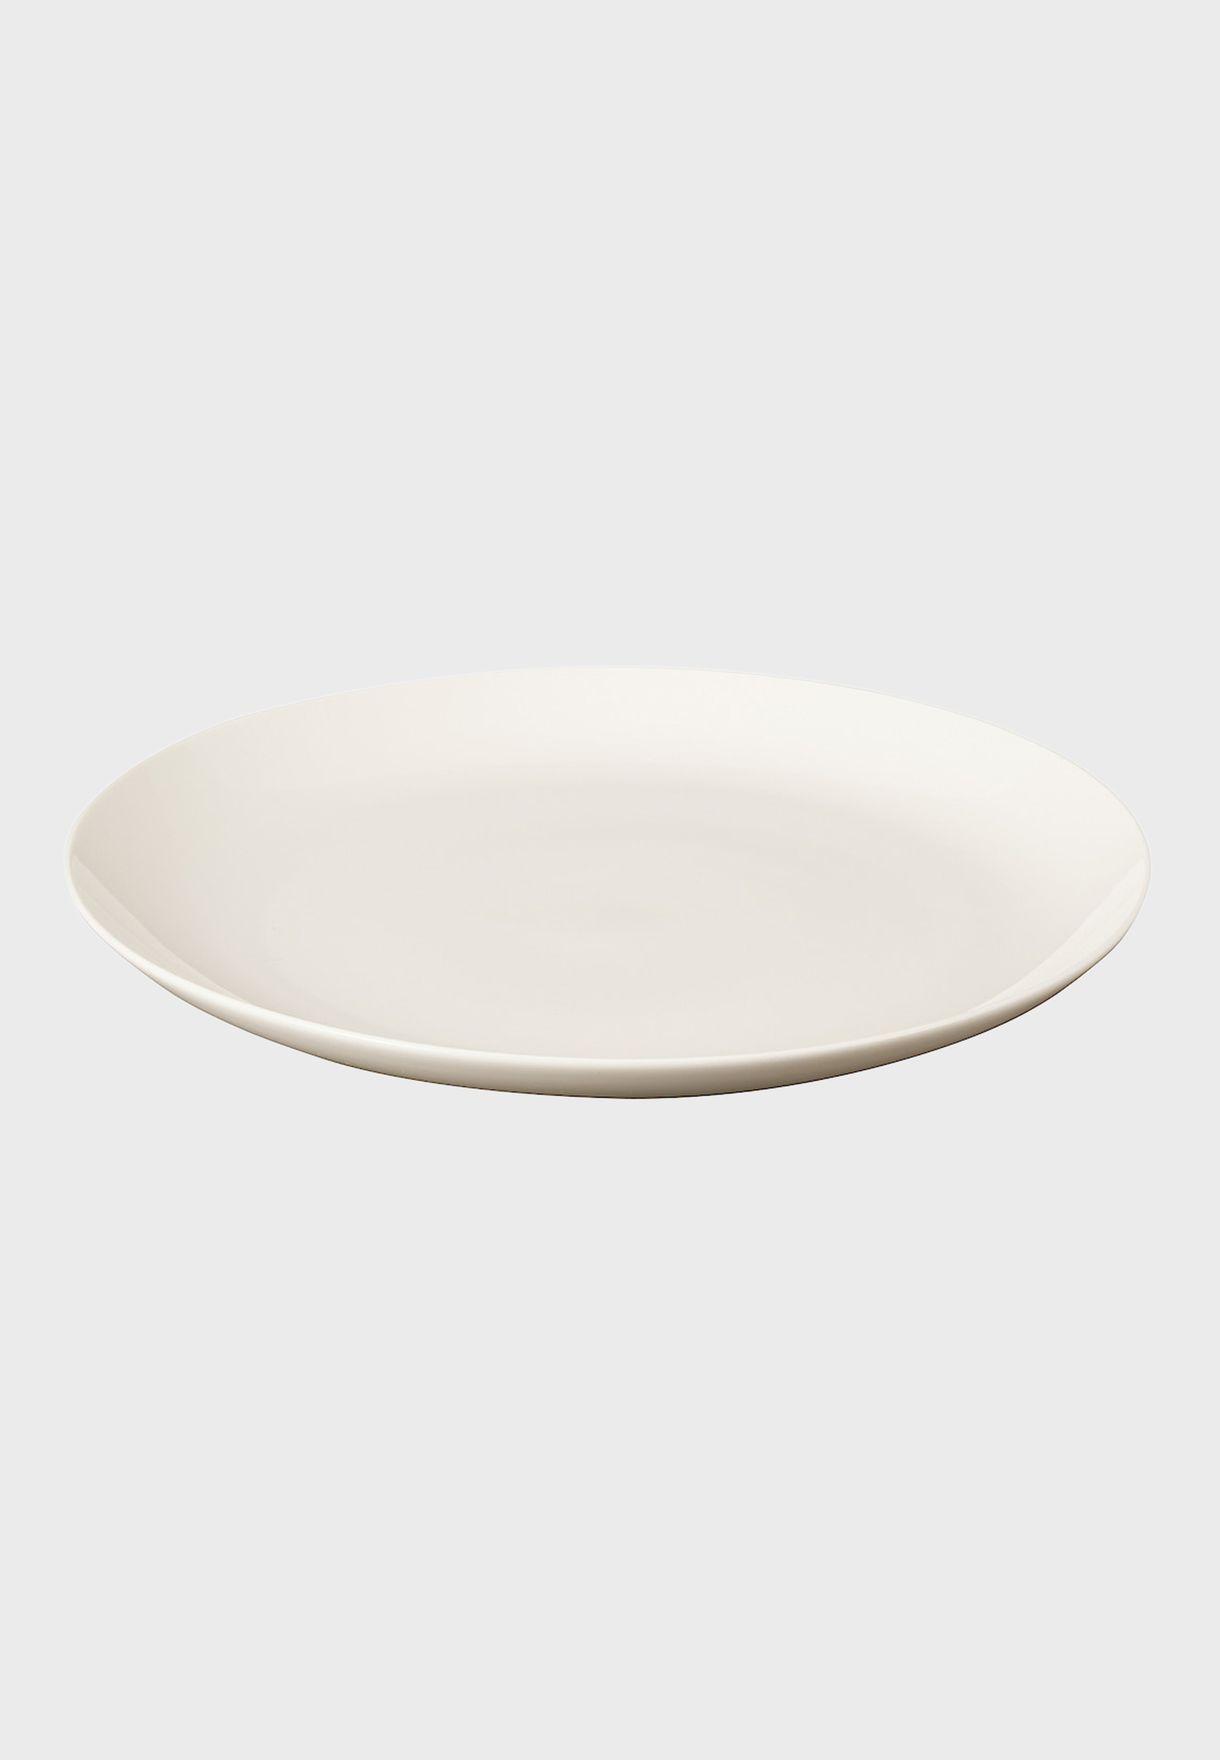 Porcelain Plate 26Cm